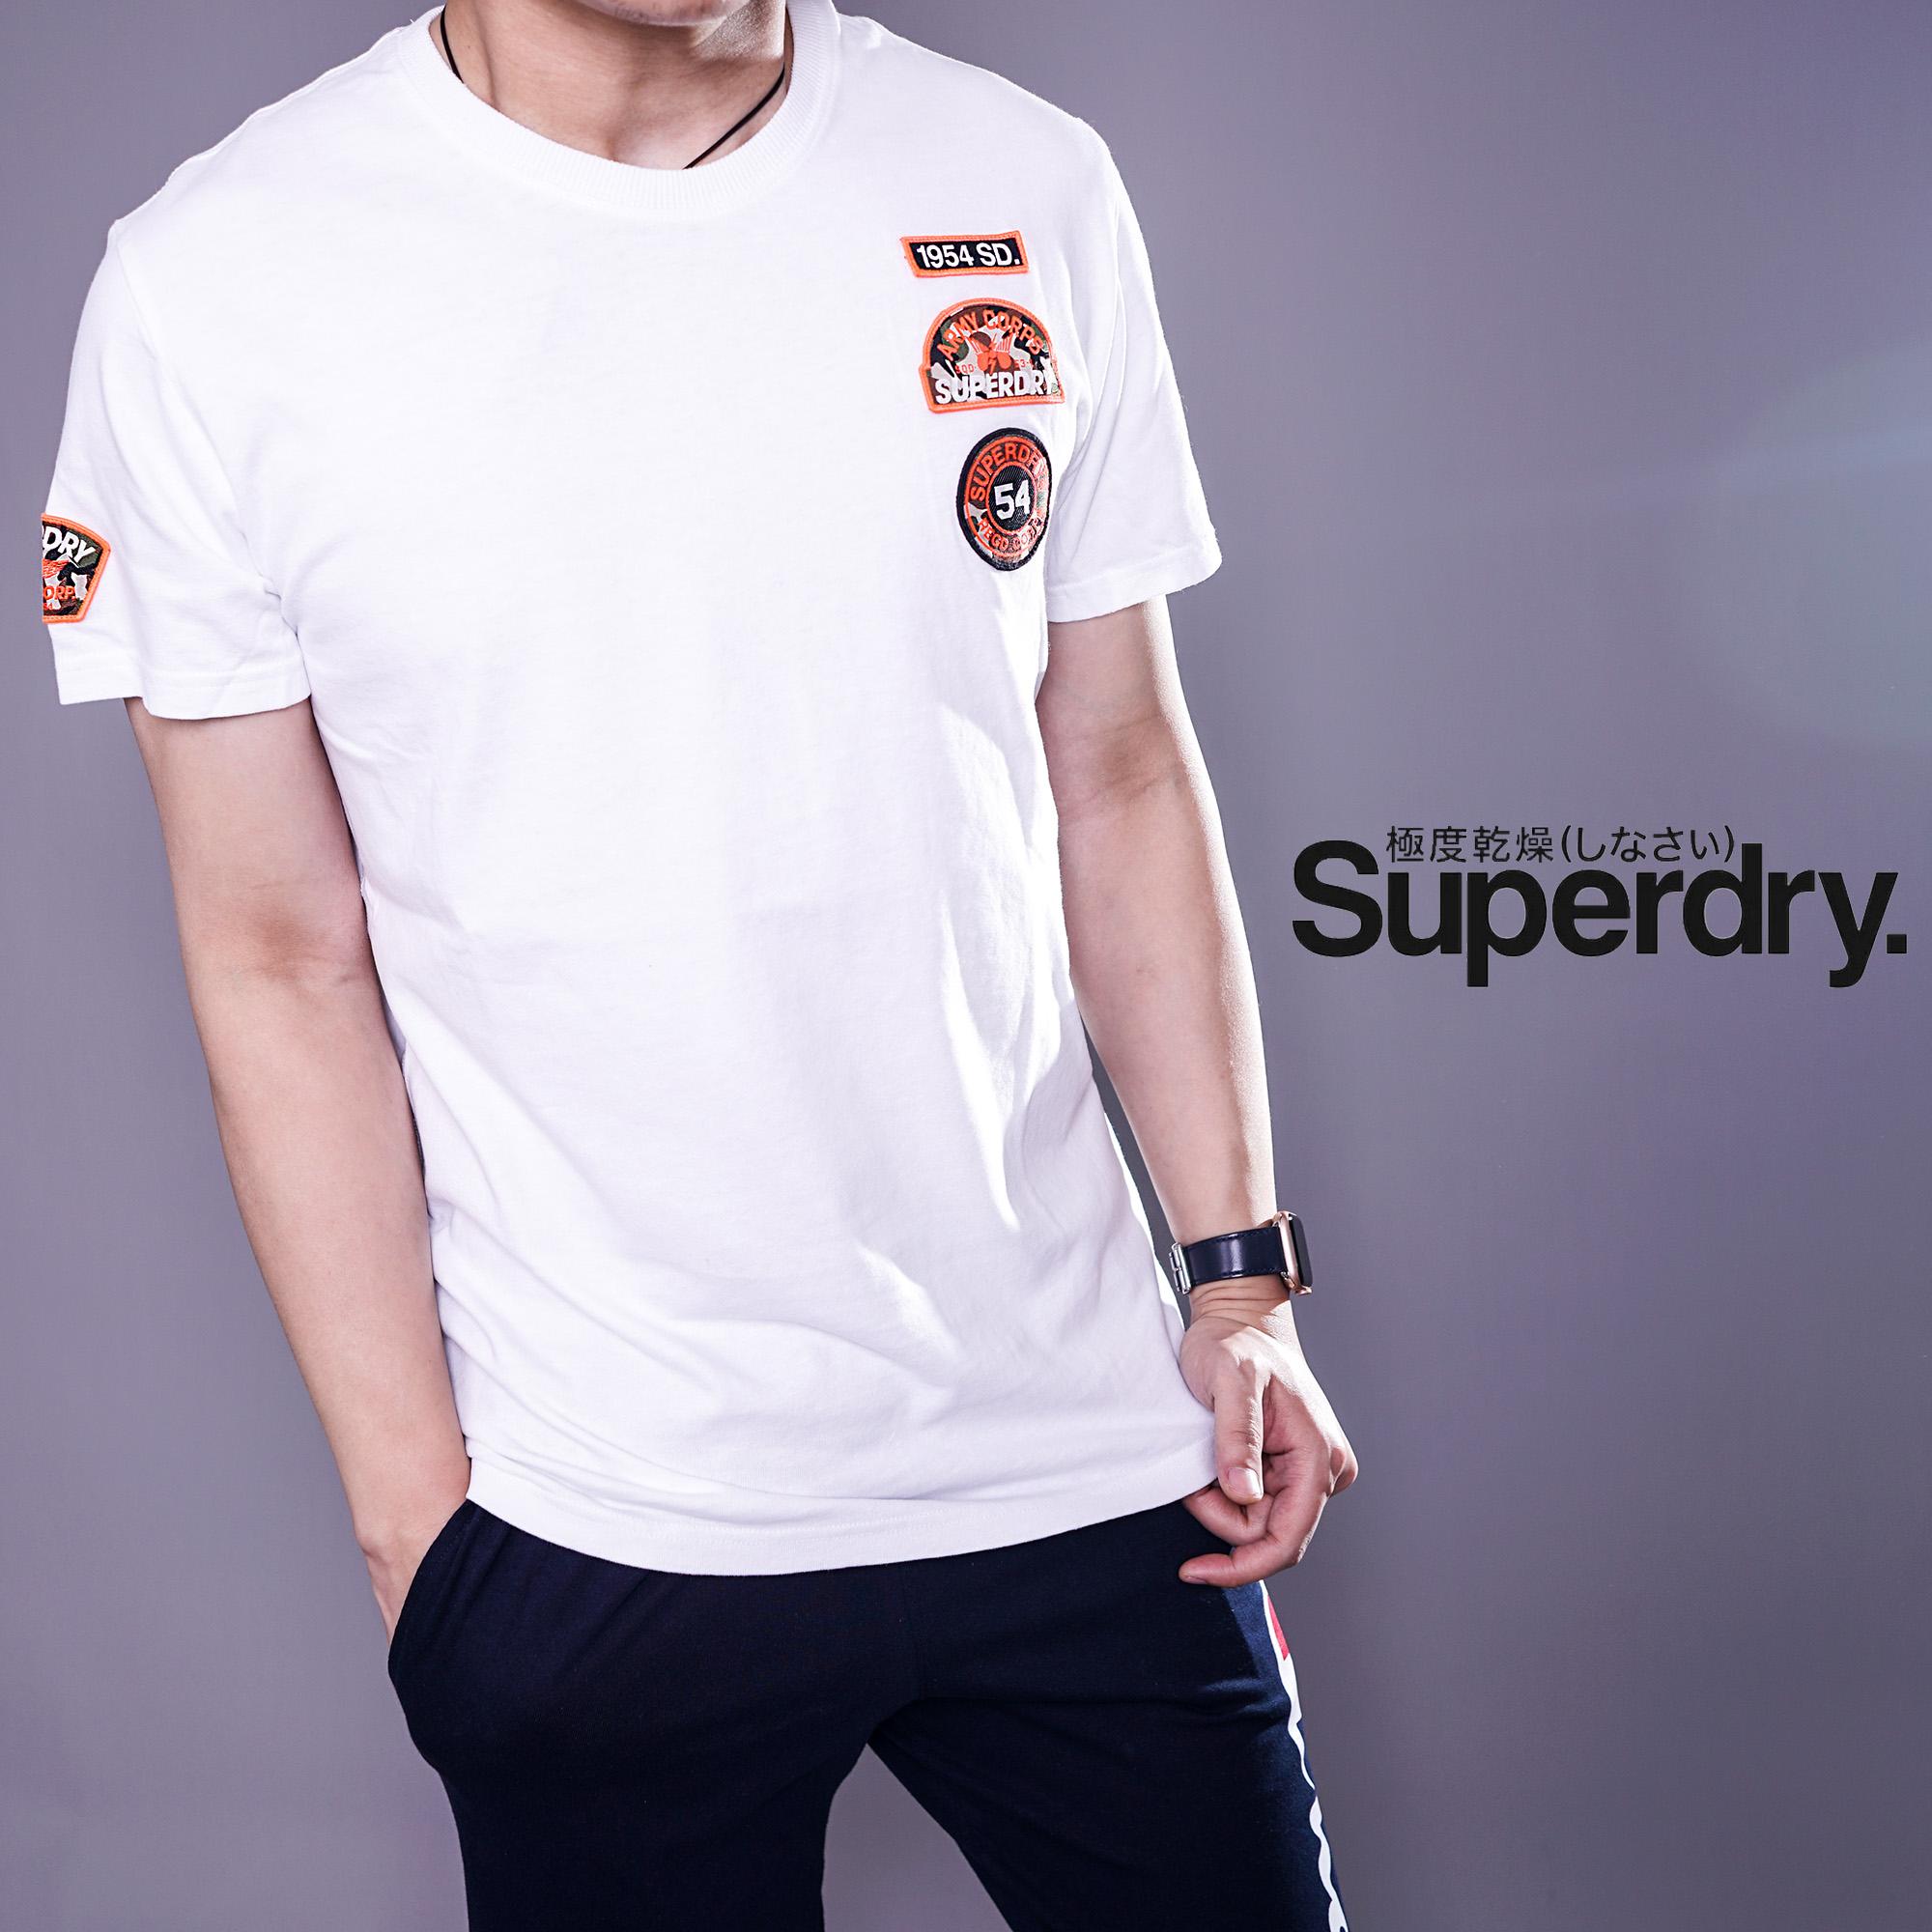 英国Superdry极度干燥新款男潮牌全棉刺绣标修身圆领短袖t恤现货